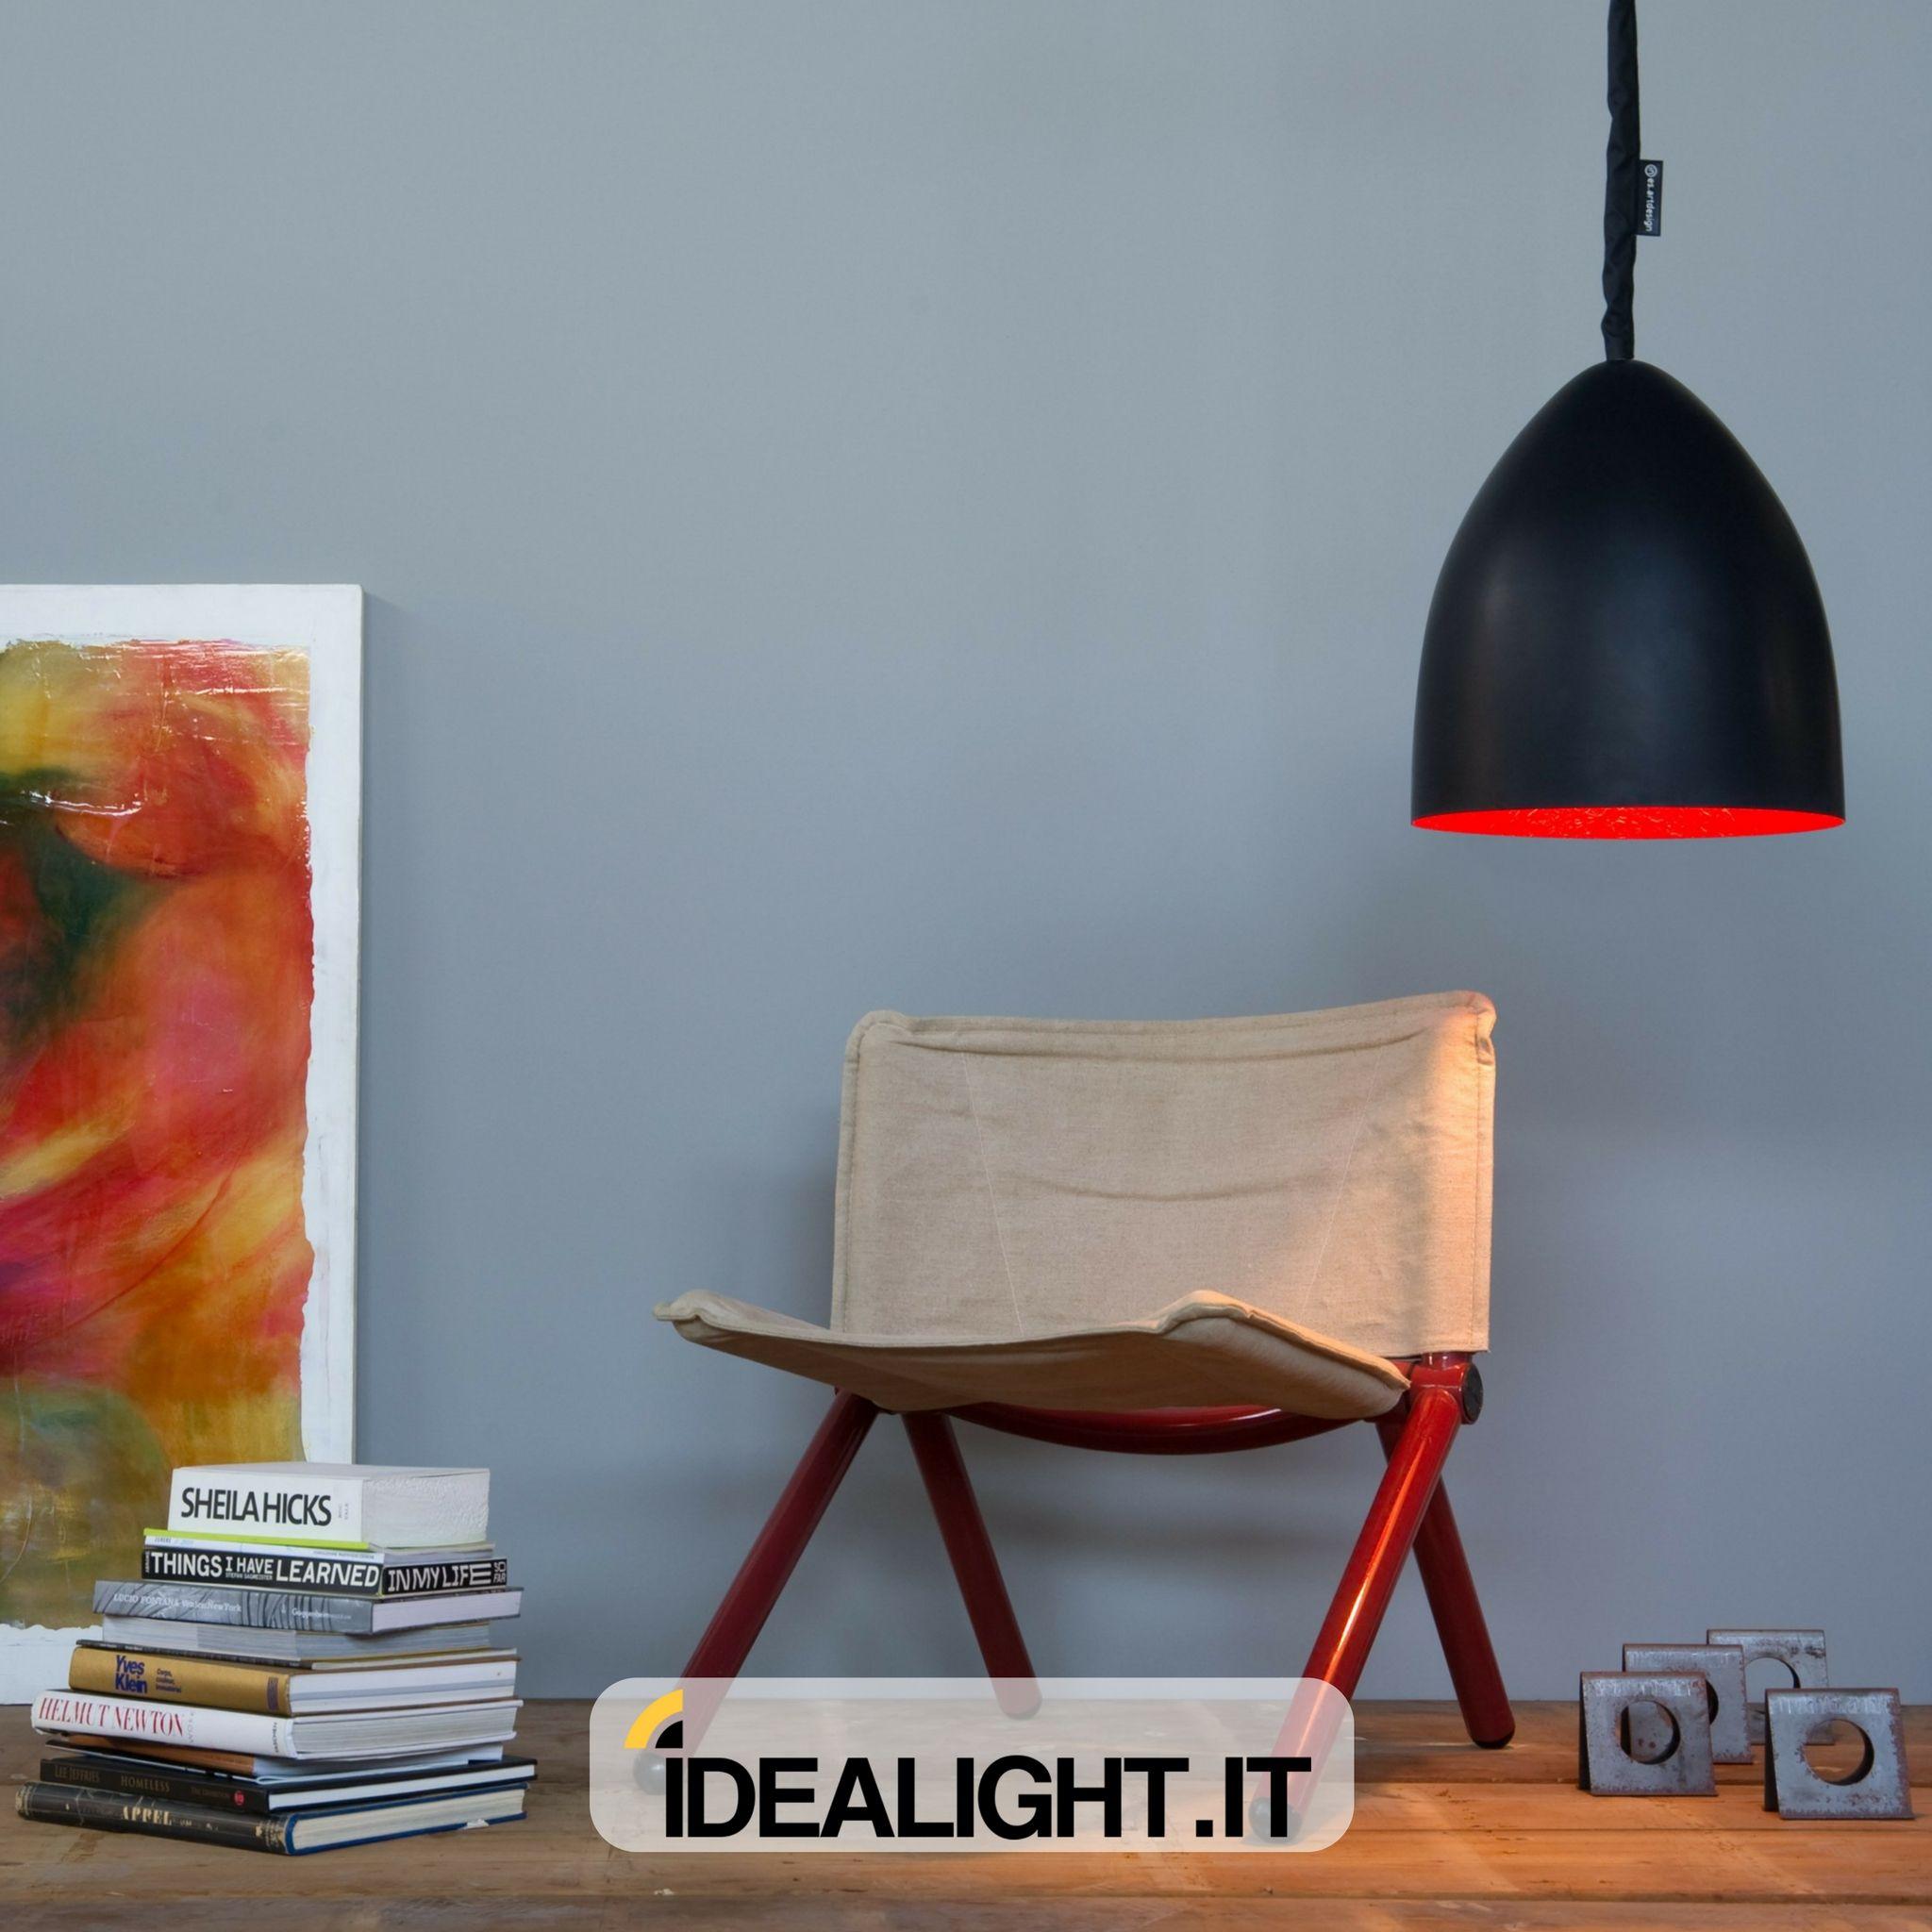 Idealight Lampade Da Terra.Non Considerare Mail Colore Nemico Della Luce Servitene In